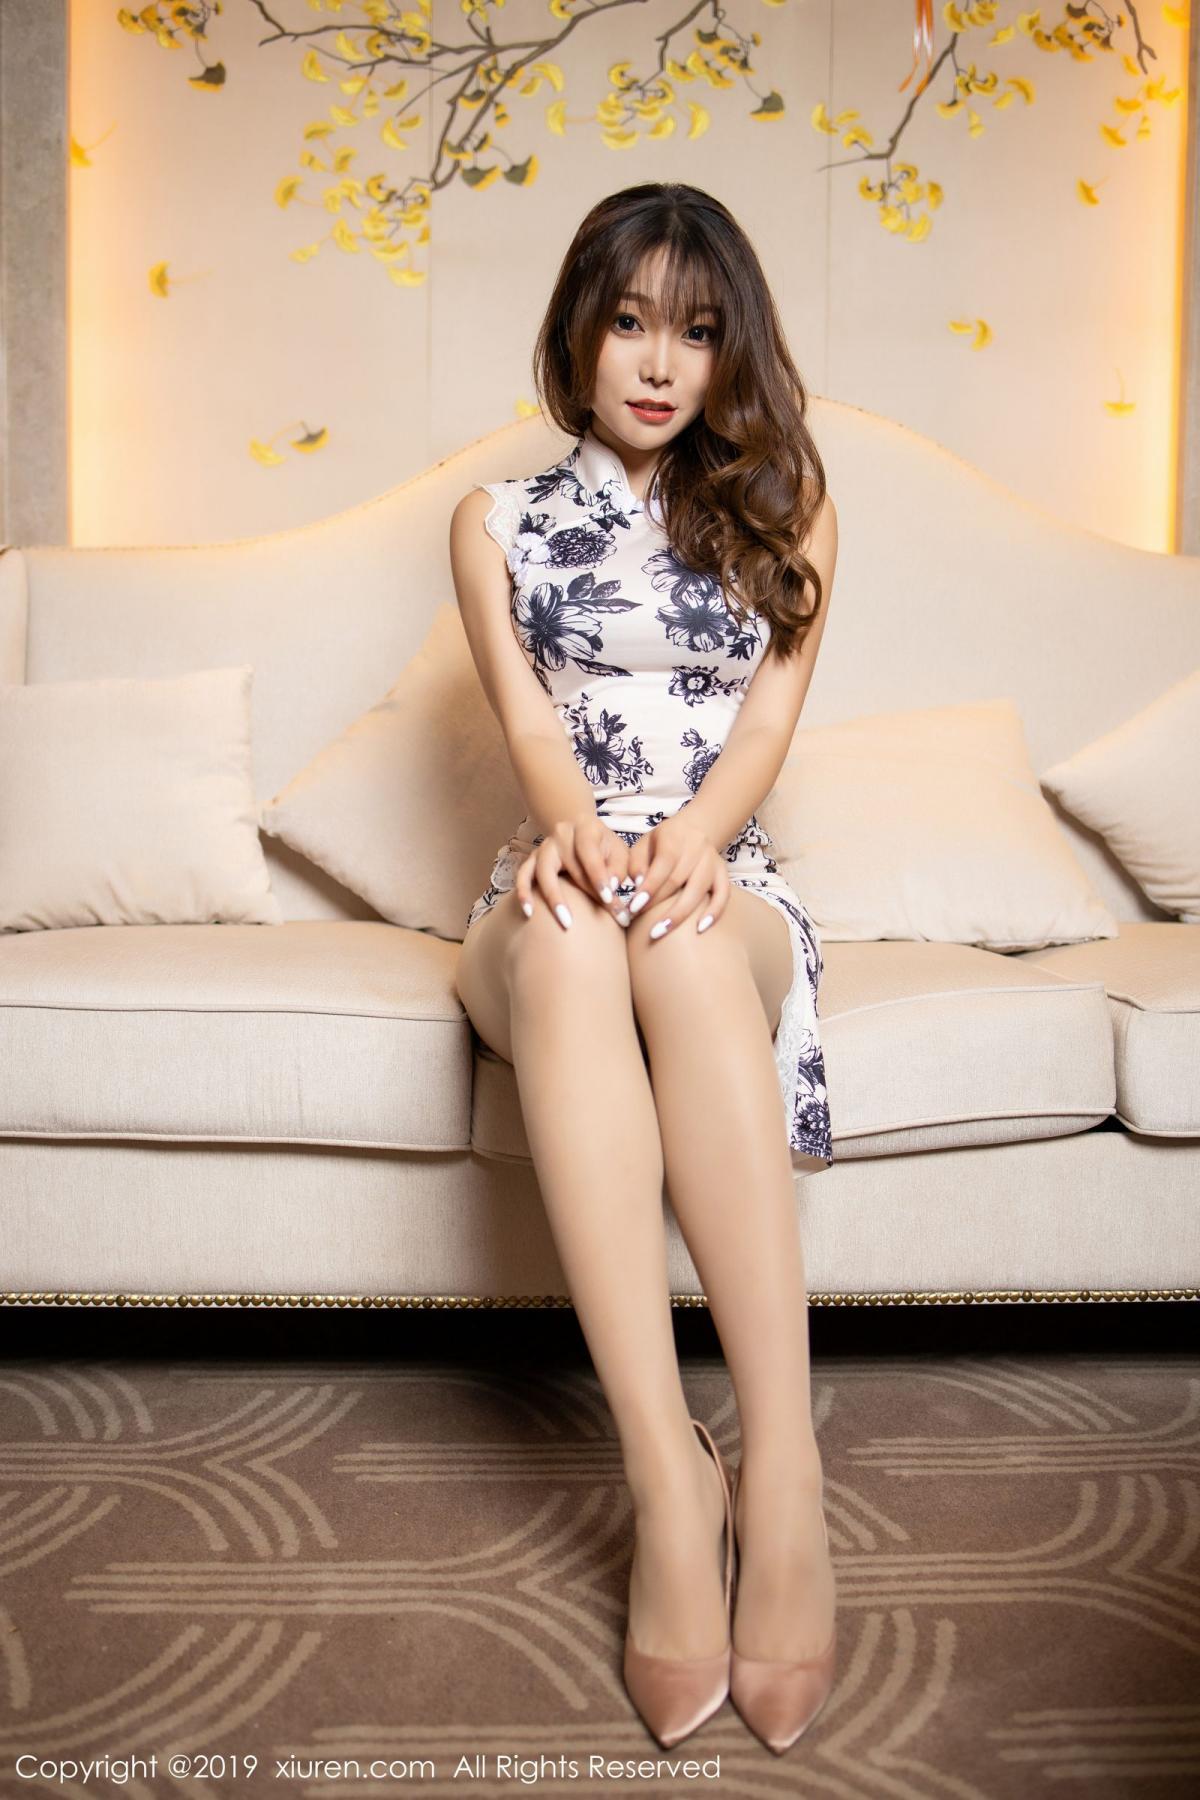 [XiuRen] Vol.1622 Chen Zhi 16P, Chen Zhi, Cheongsam, Underwear, Xiuren